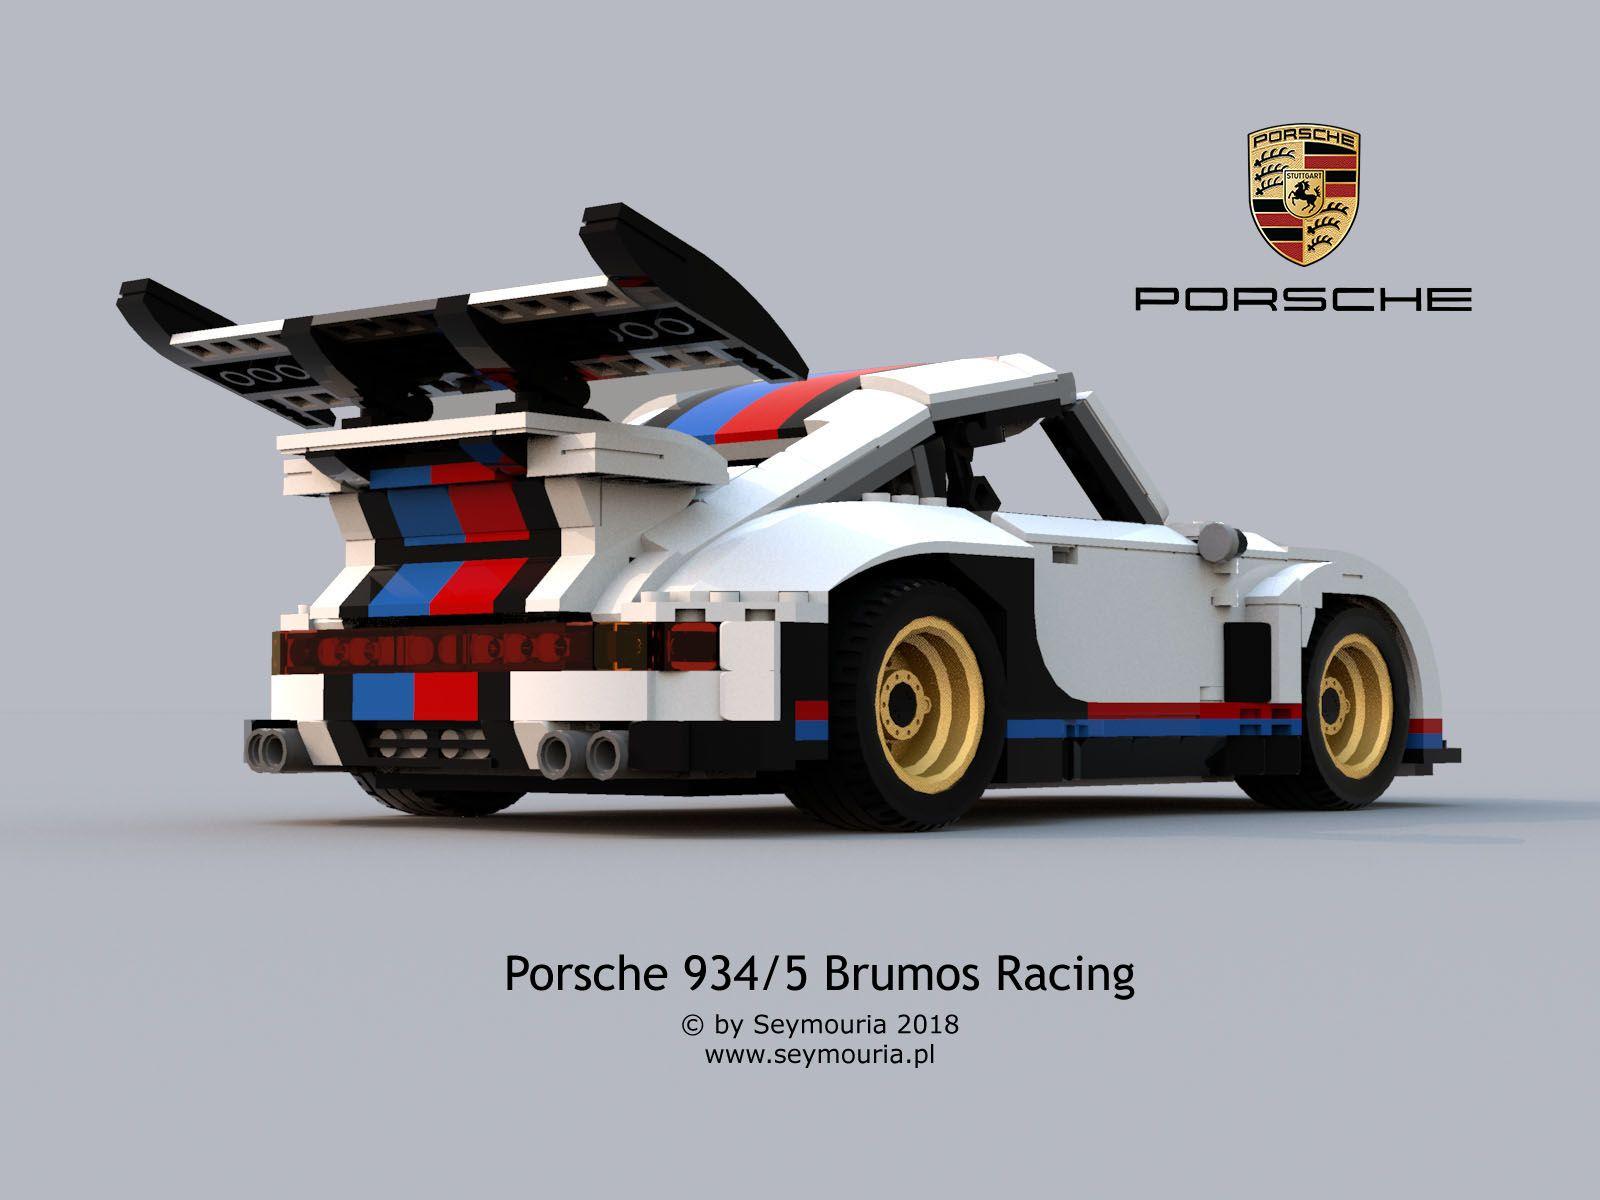 Lego Cars To Build Porsche